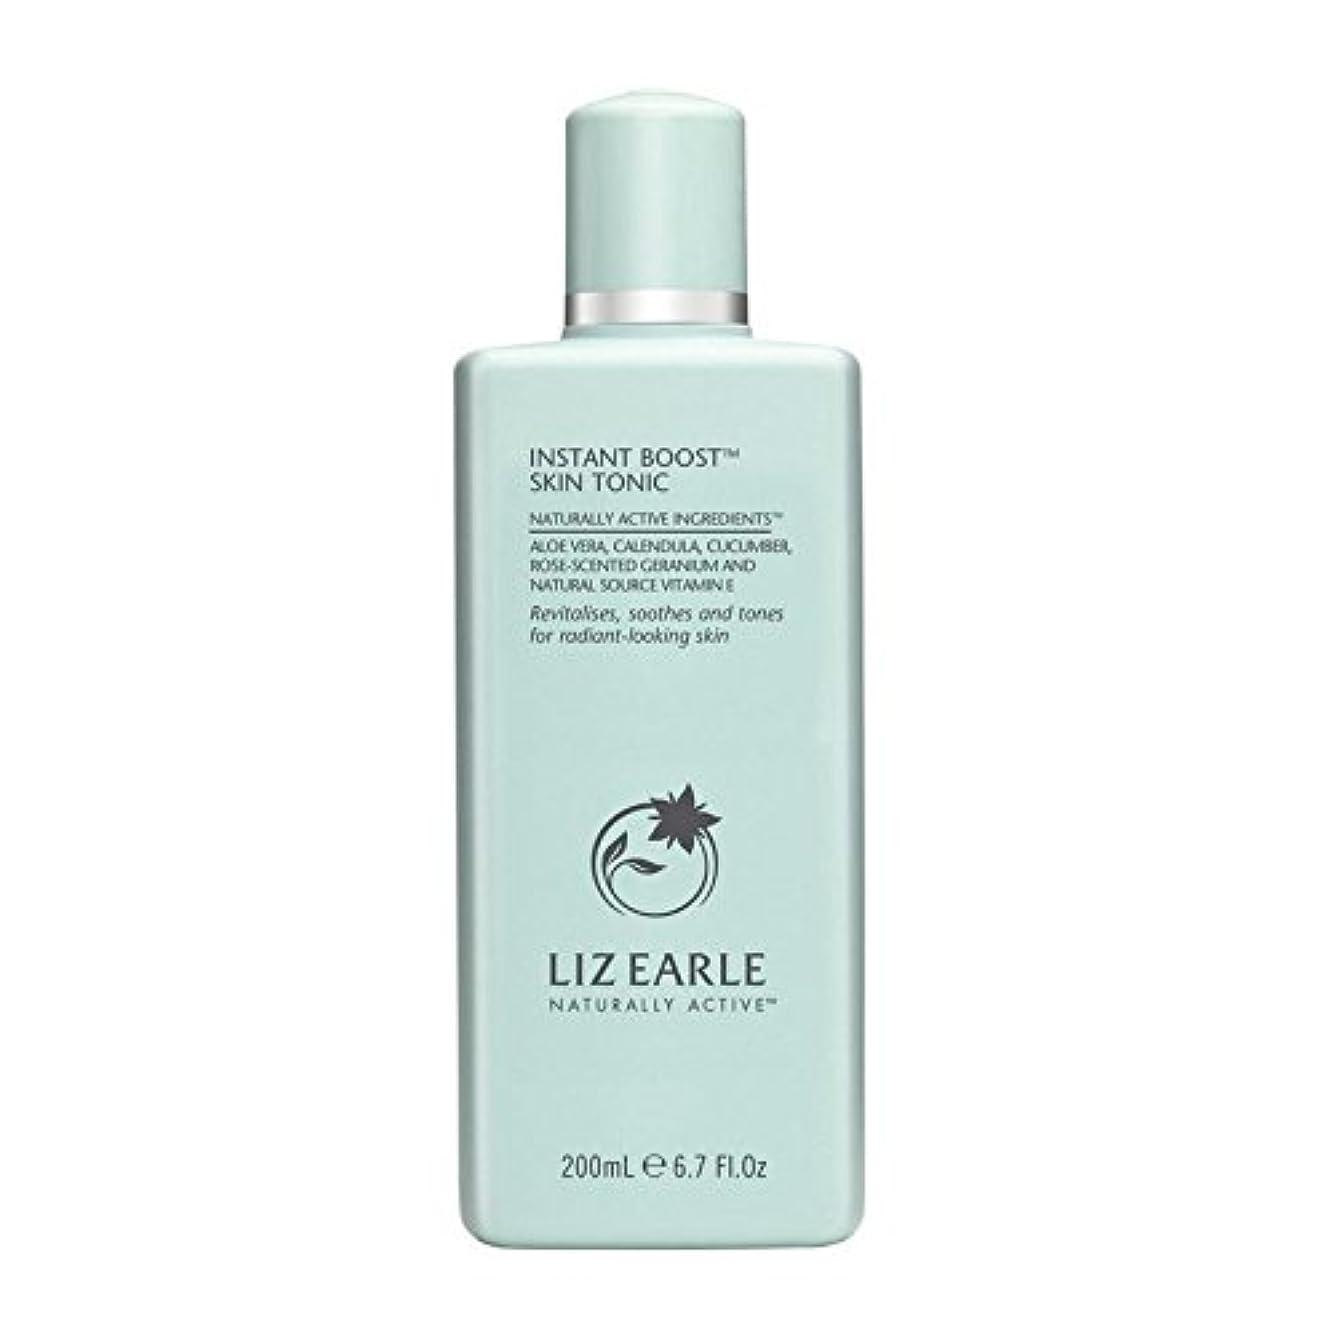 泣き叫ぶペパーミント生きているリズアールインスタントブーストスキントニックボトル200ミリリットル x4 - Liz Earle Instant Boost Skin Tonic Bottle 200ml (Pack of 4) [並行輸入品]